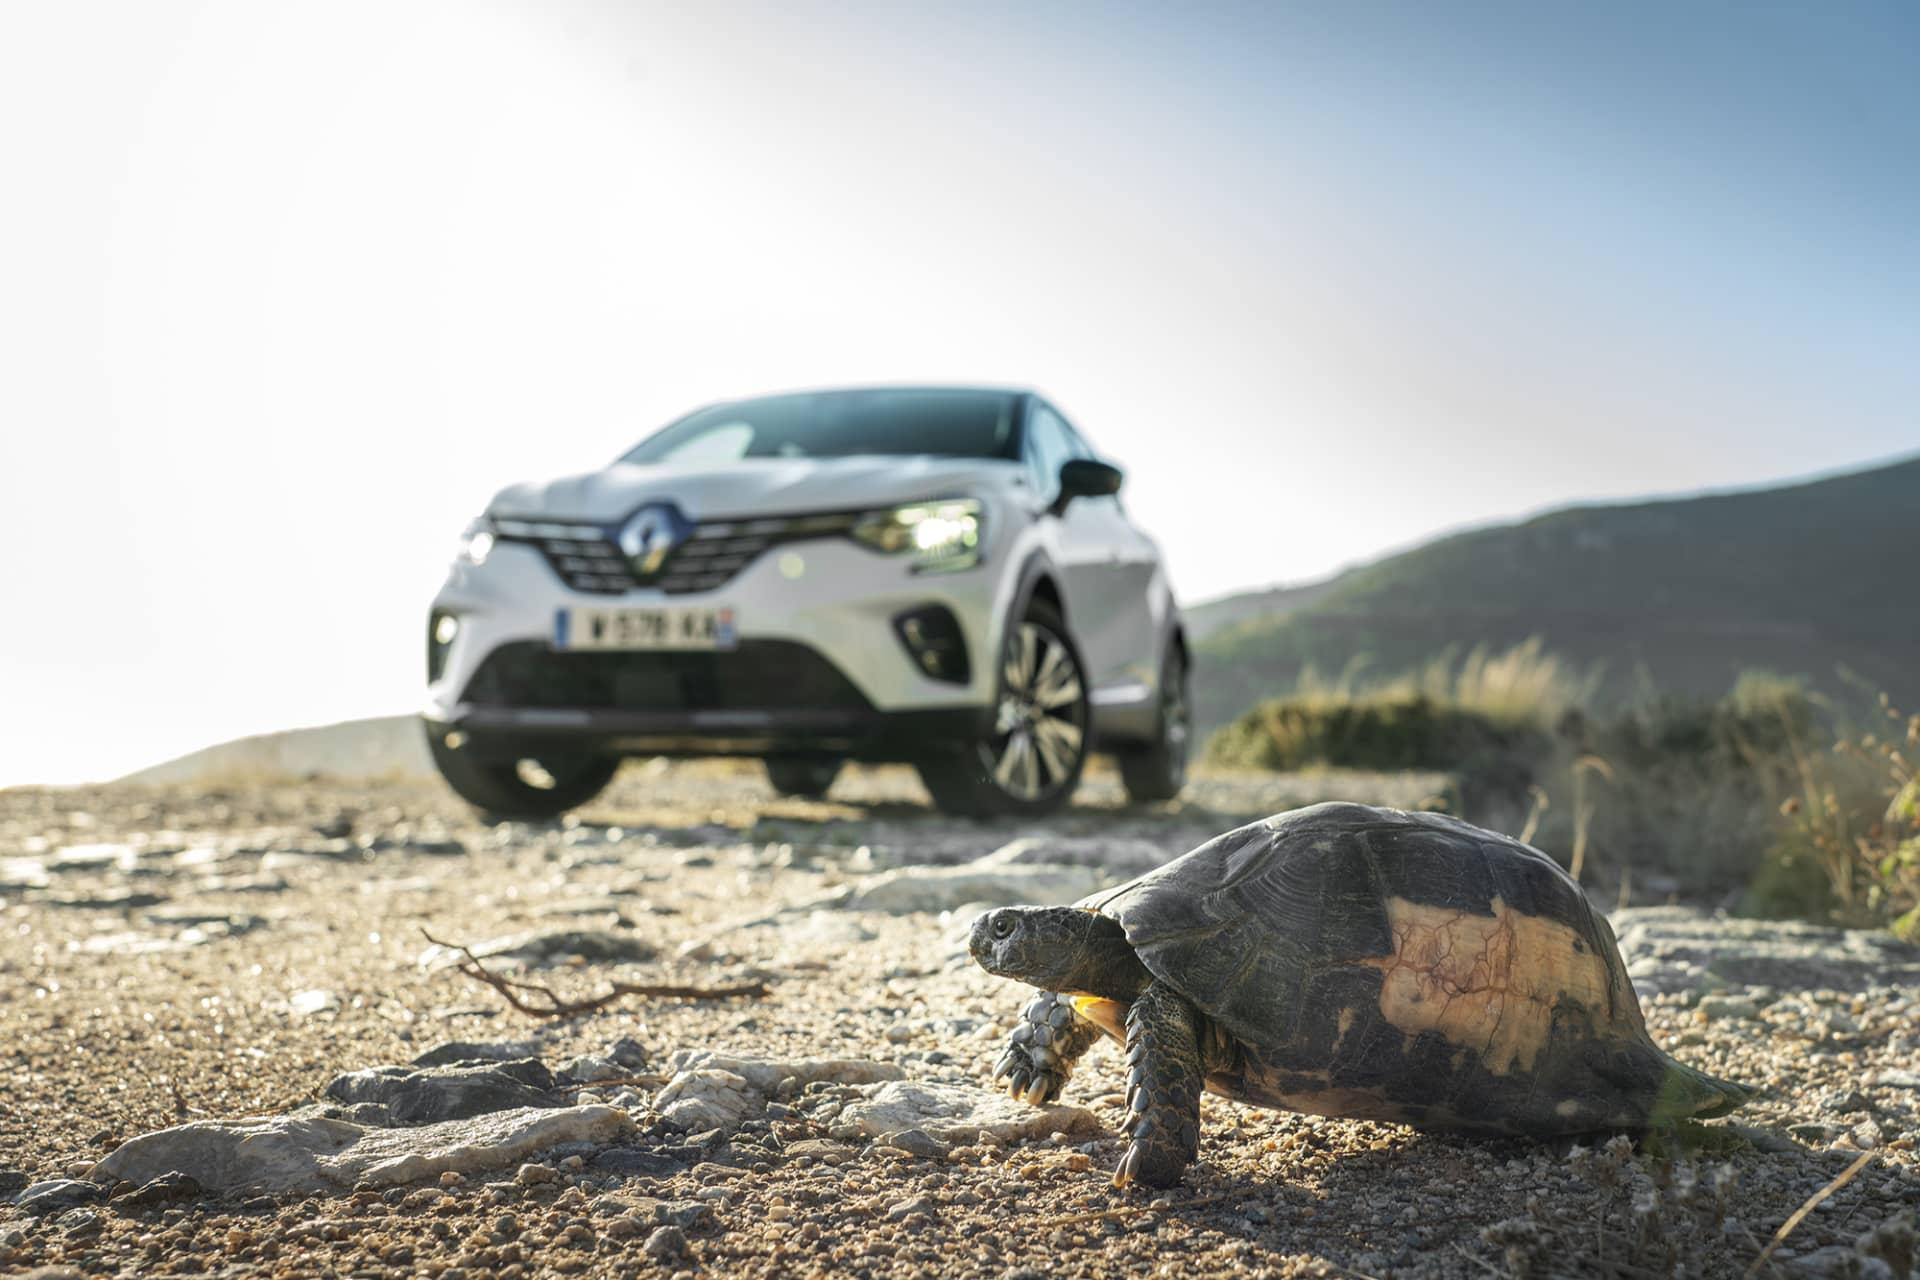 Provkörningen i Grekland utanför Aten blev avbruten då en Grekisk landsköldpadda skulle korsa vägen. Till skillnad från bilen var det här ingen purfärsk krabat utan säkerligen äldre än undertecknande.